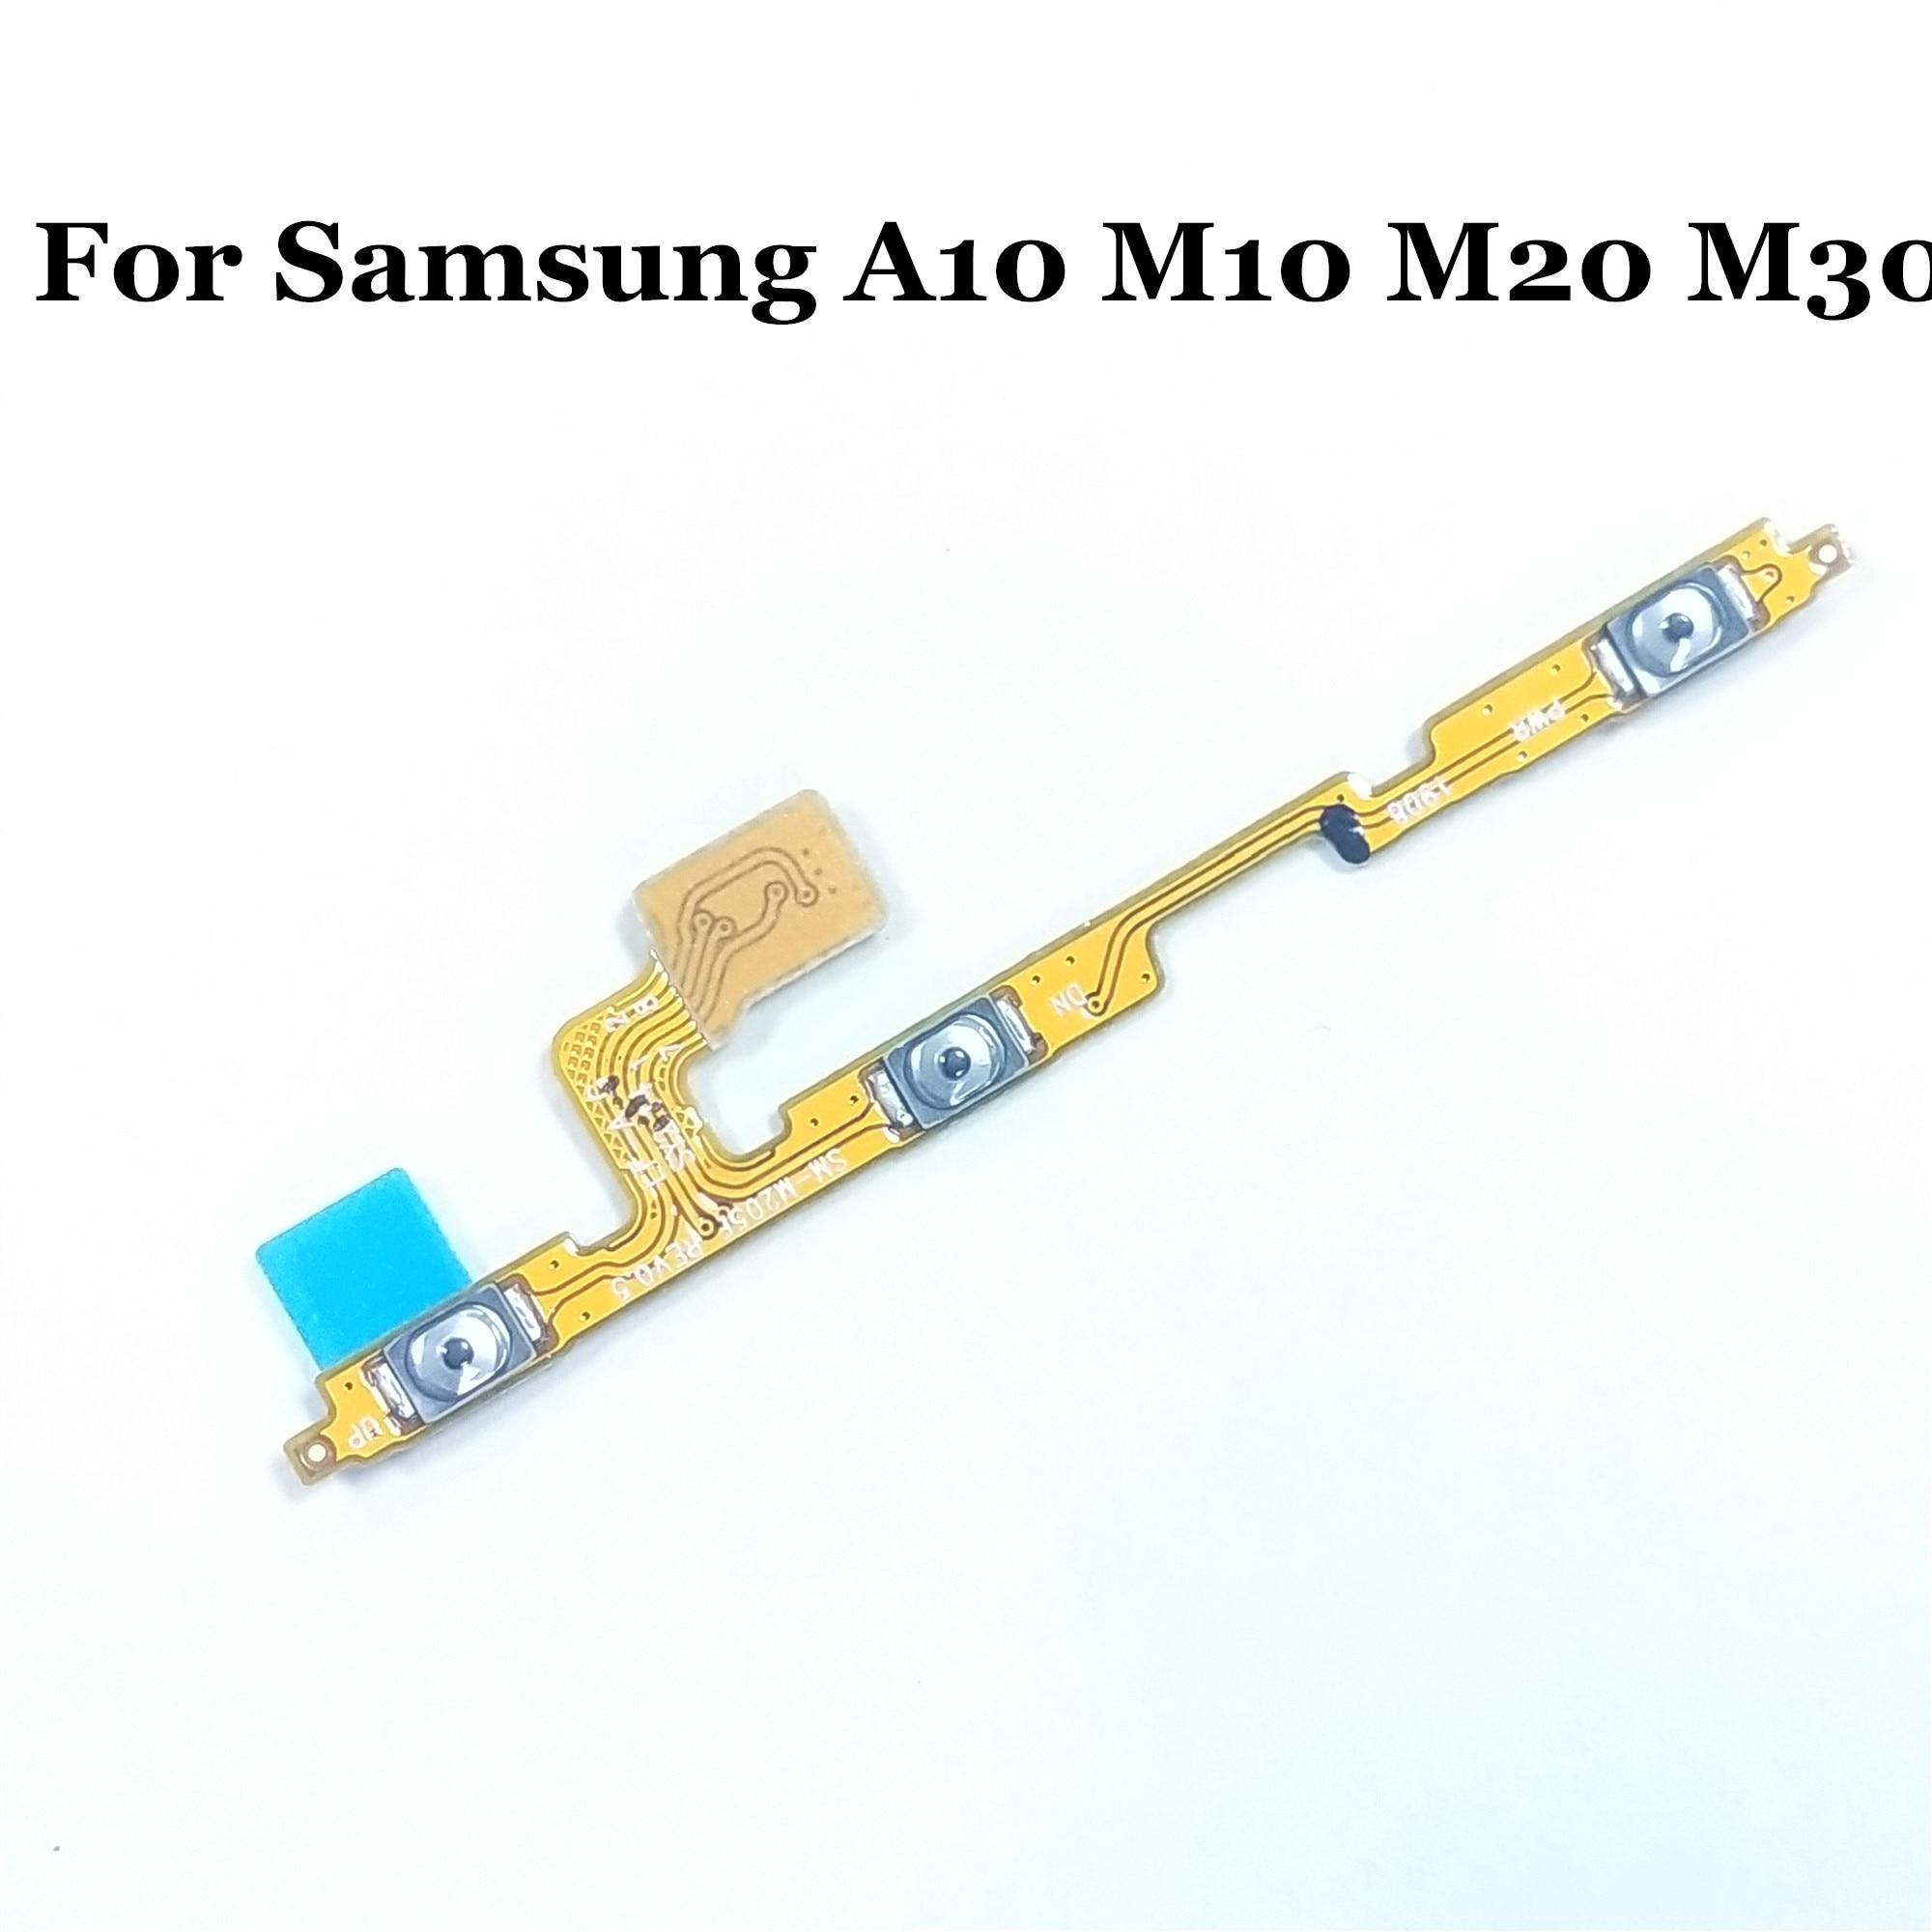 1 Uds Original en la de volumen lado botones cable Flex para Samsung A10 A105F M10 M105F M20 M205F M30 M305F piezas de repuesto